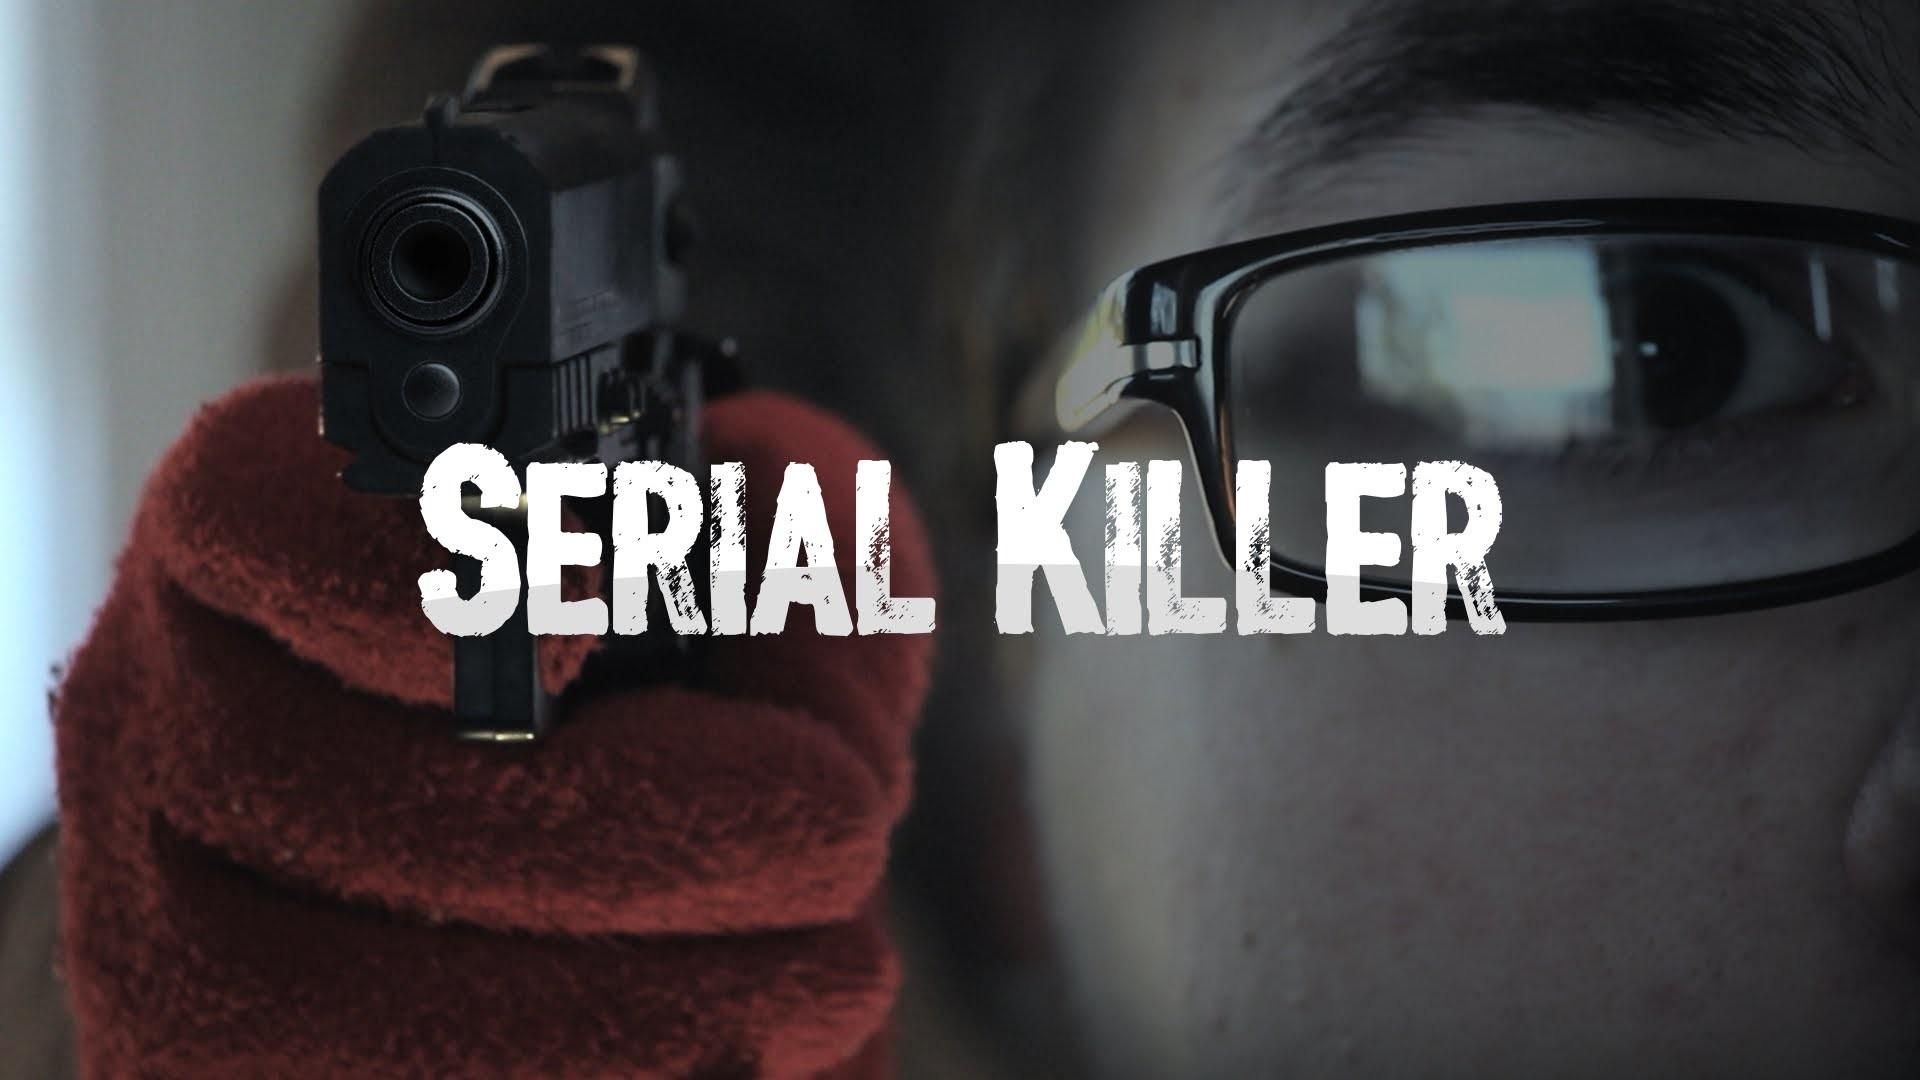 Serial Killer Wallpaper 71 Images